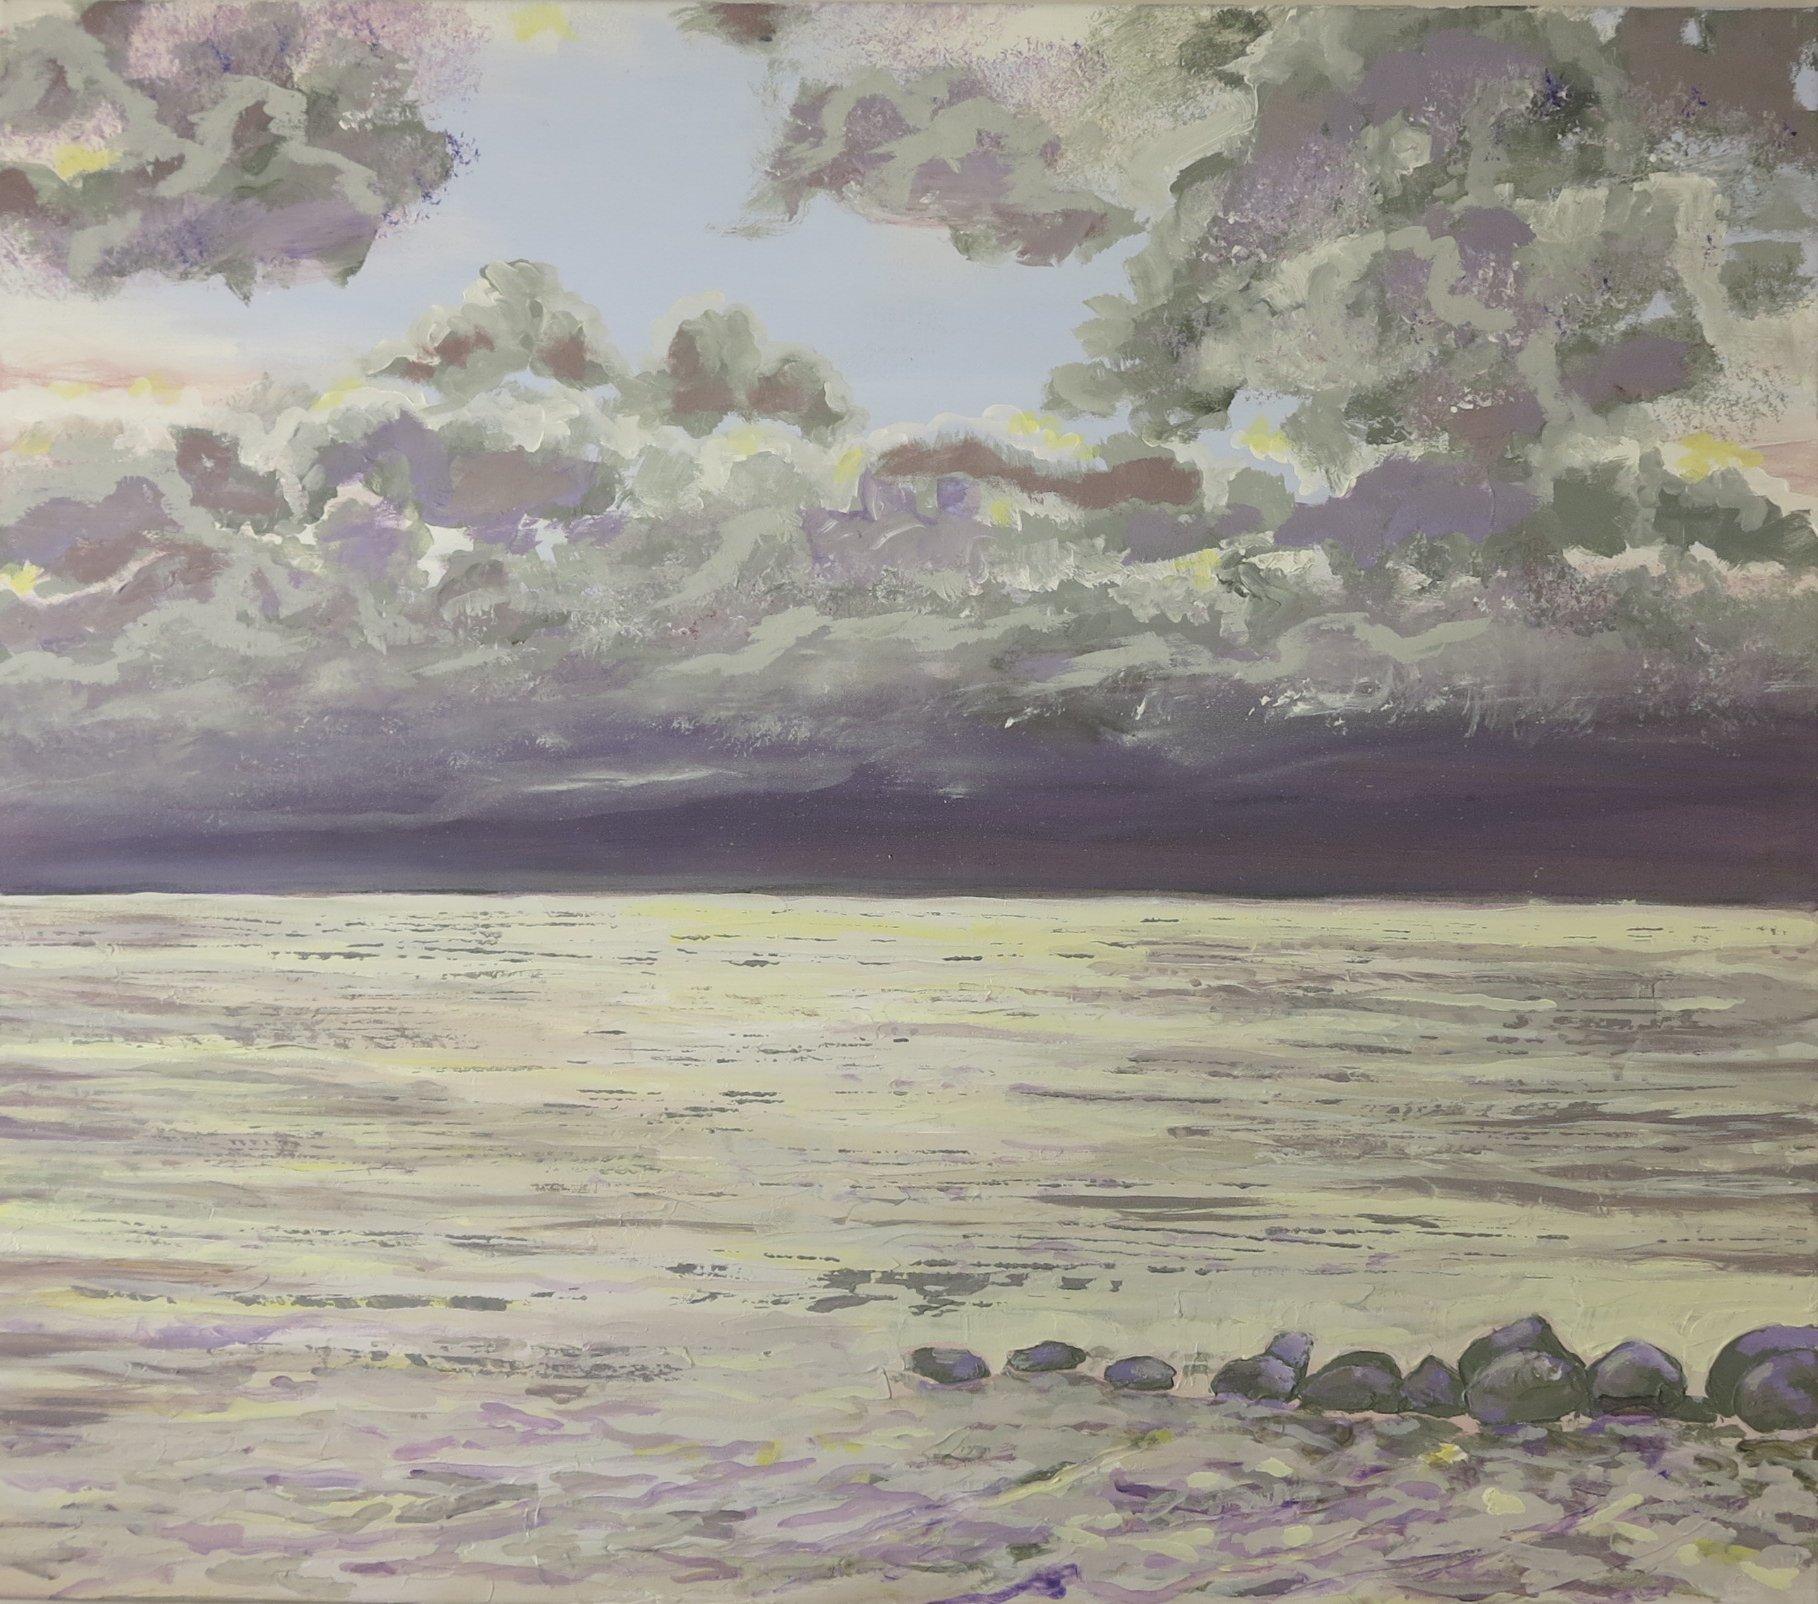 Havmaleri - Morgen Ballehage Aarhus 2015 - Kunstner Odder Lars Stounberg - moderne naturalist